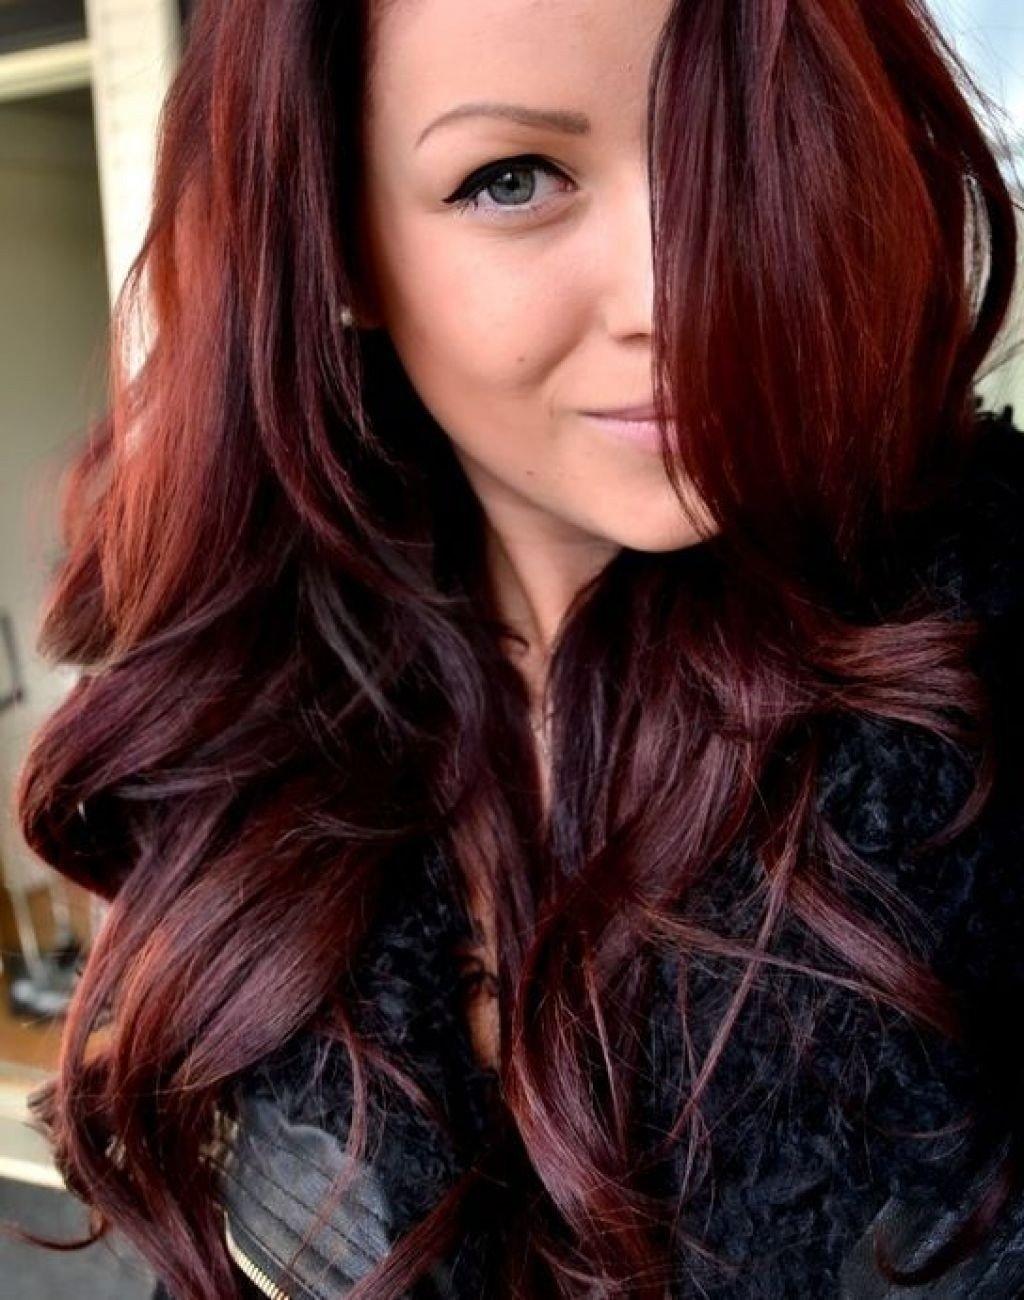 10 Spectacular Hair Color Ideas For Fall autumn hair colors inspirational hair color ideas for fall autumn 2020